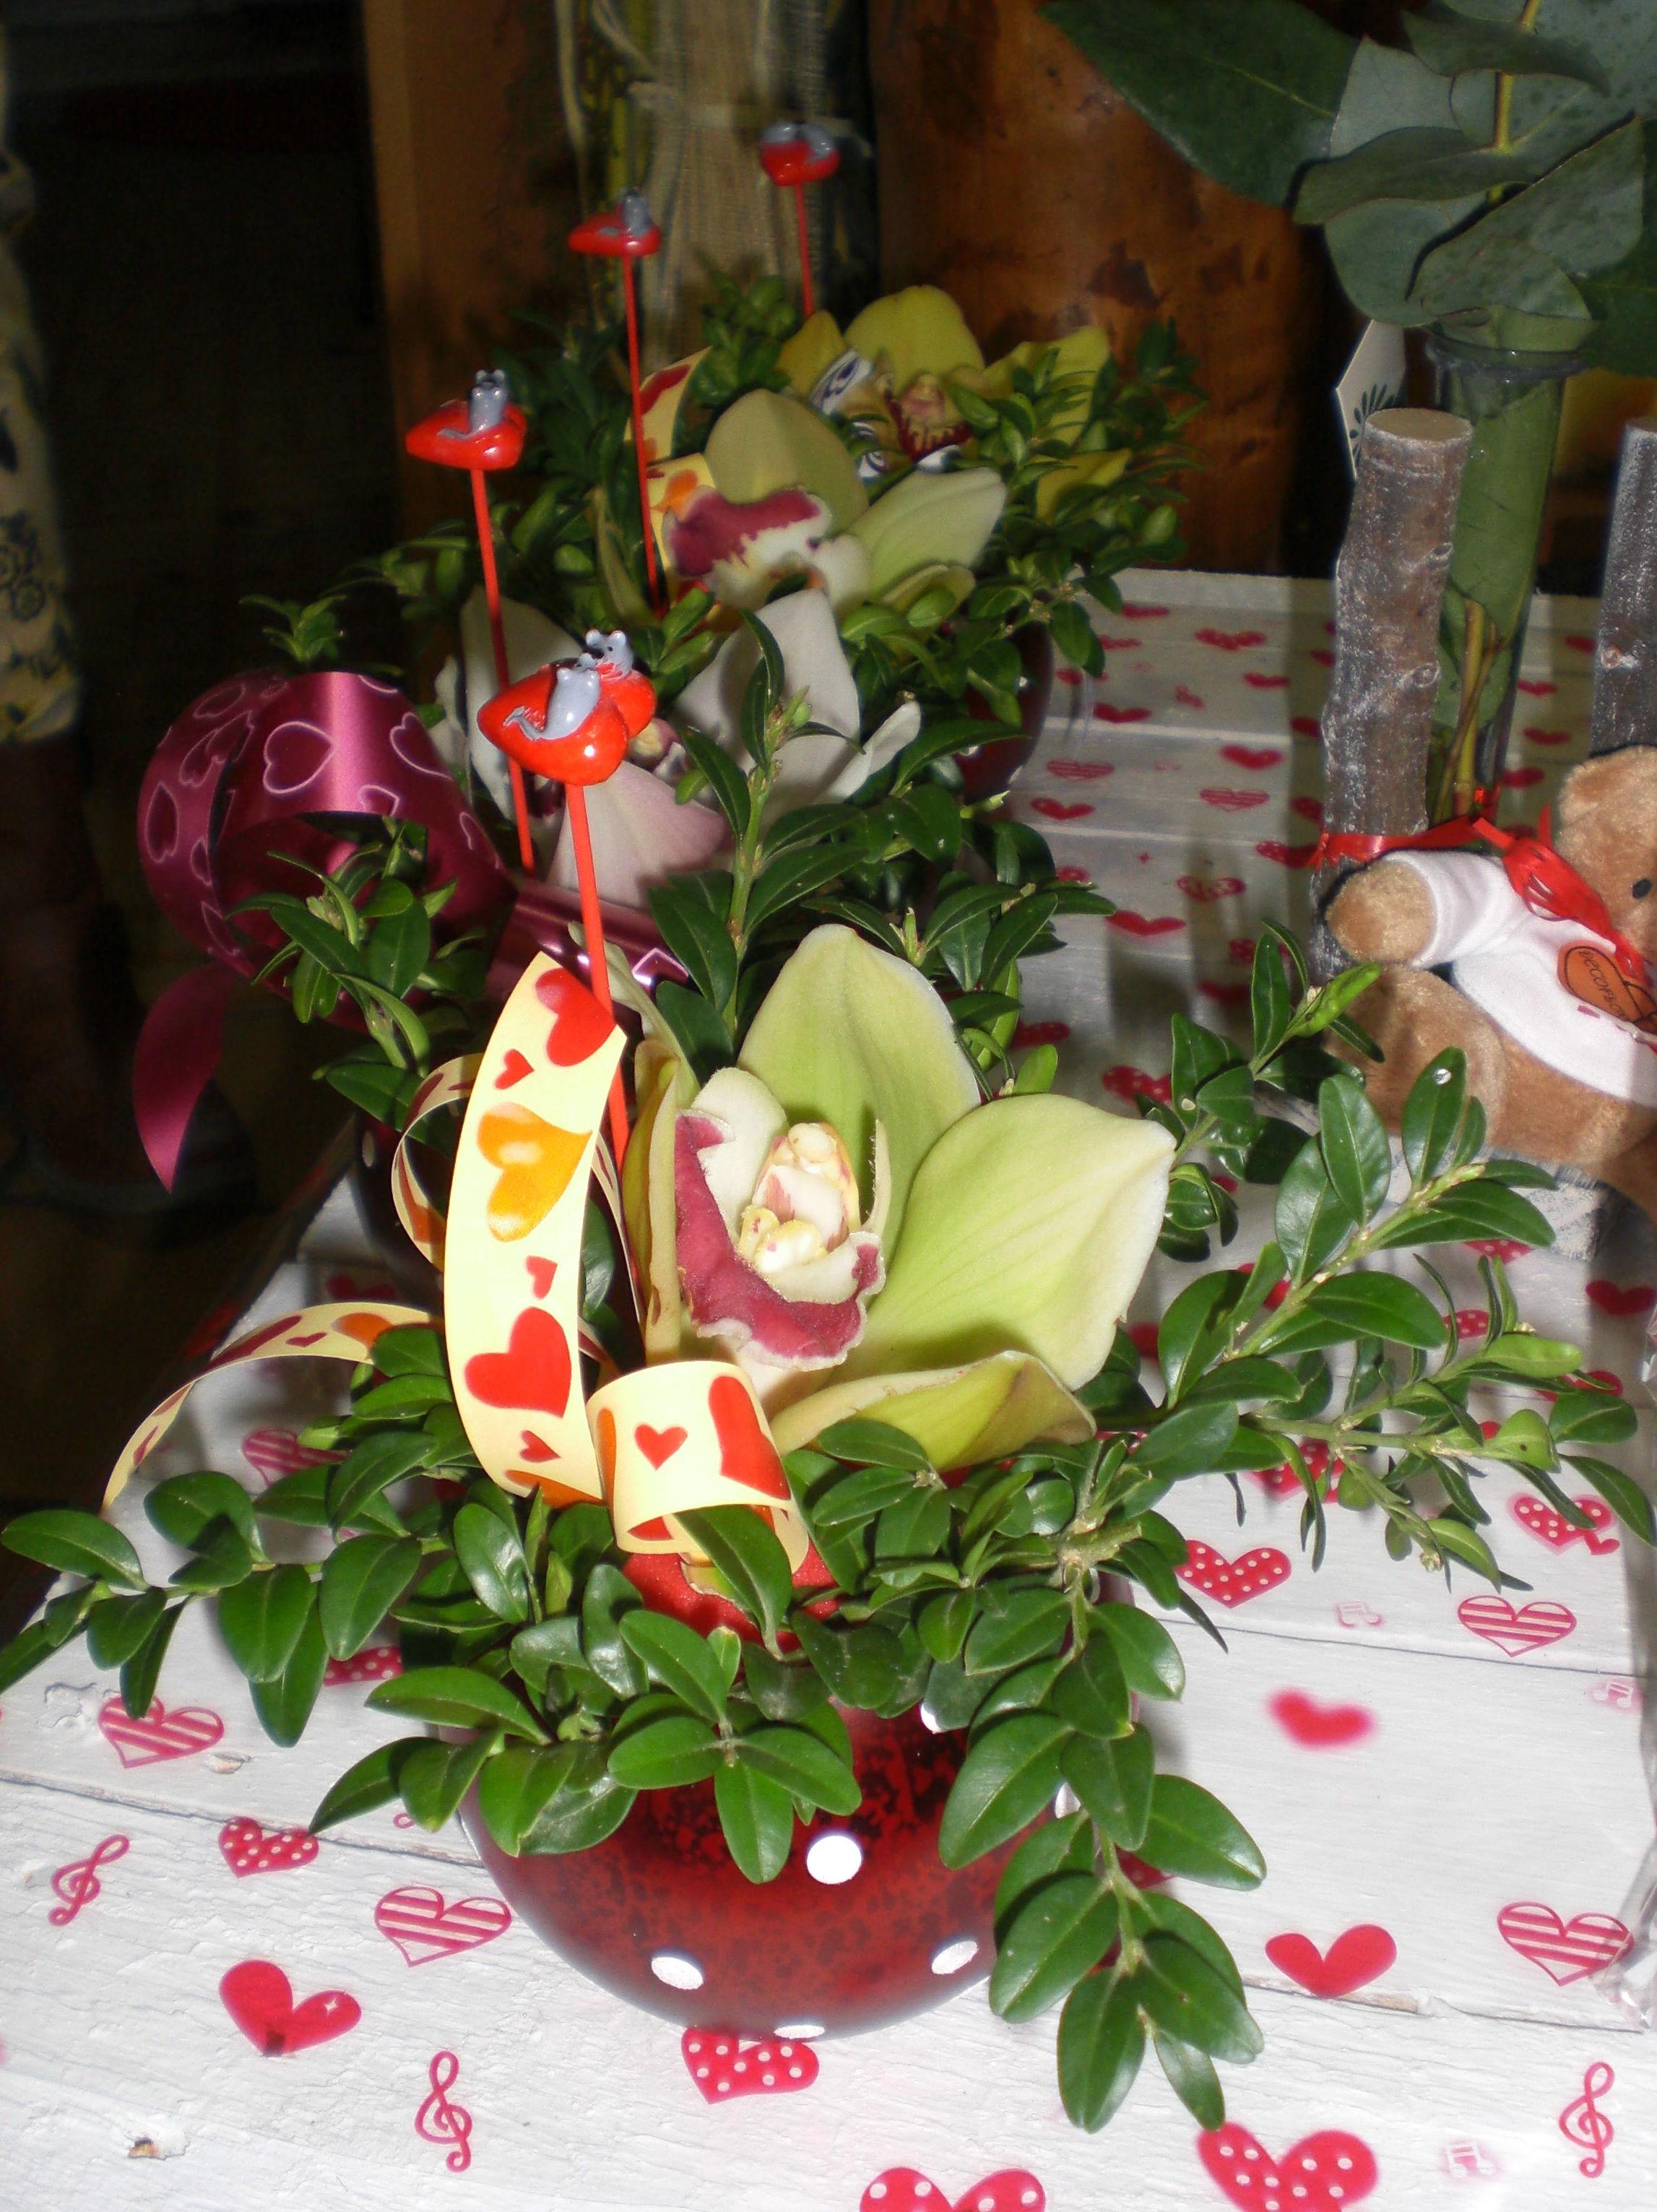 Floral Productos Y Servicios De Florister A Decoflor # Muebles Ramos Fraga